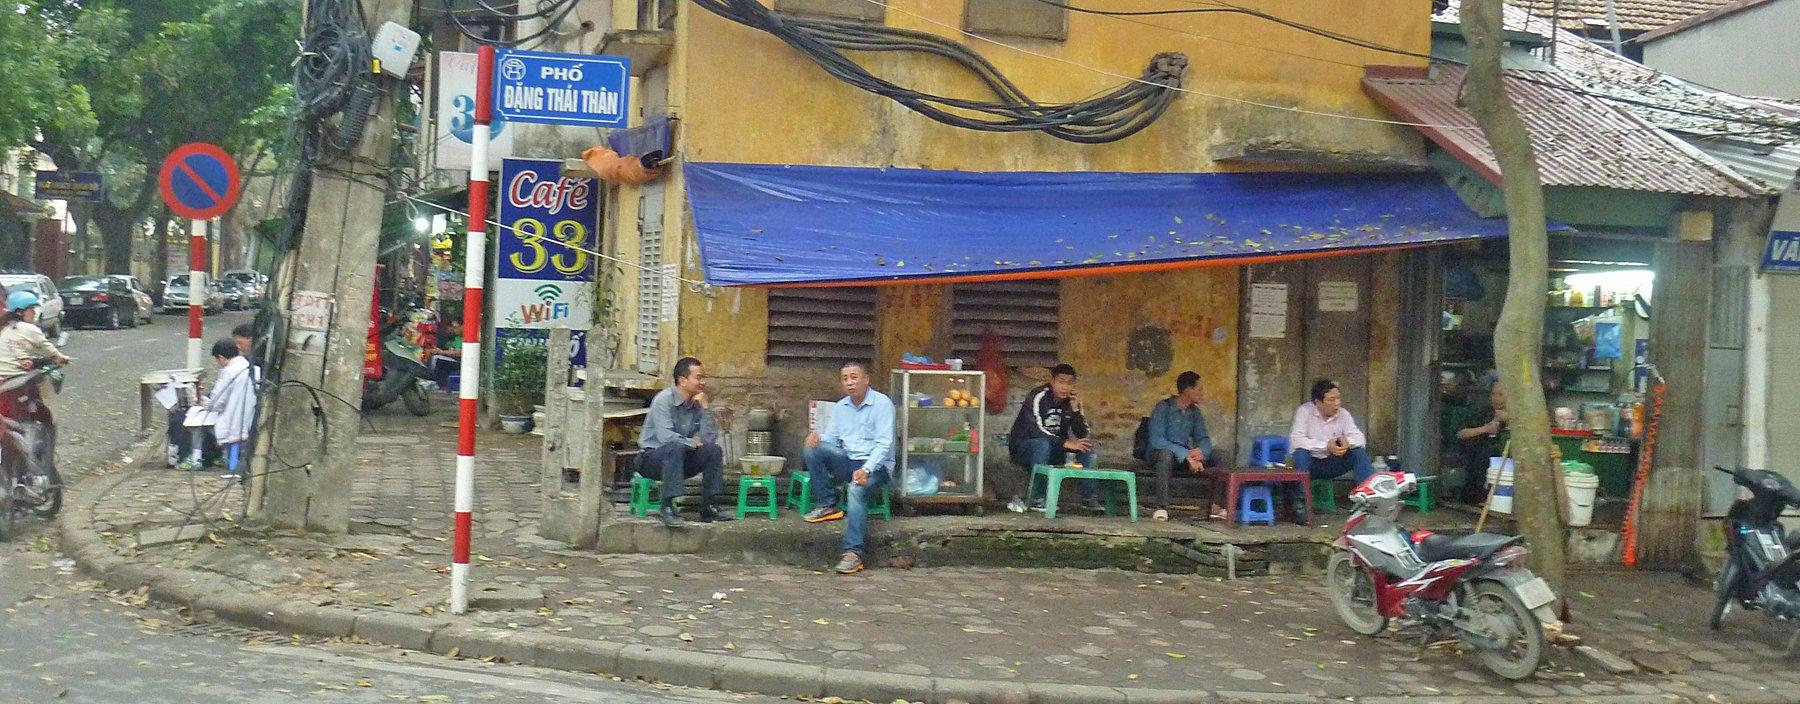 vn, hanoi, old quarter (21).jpg